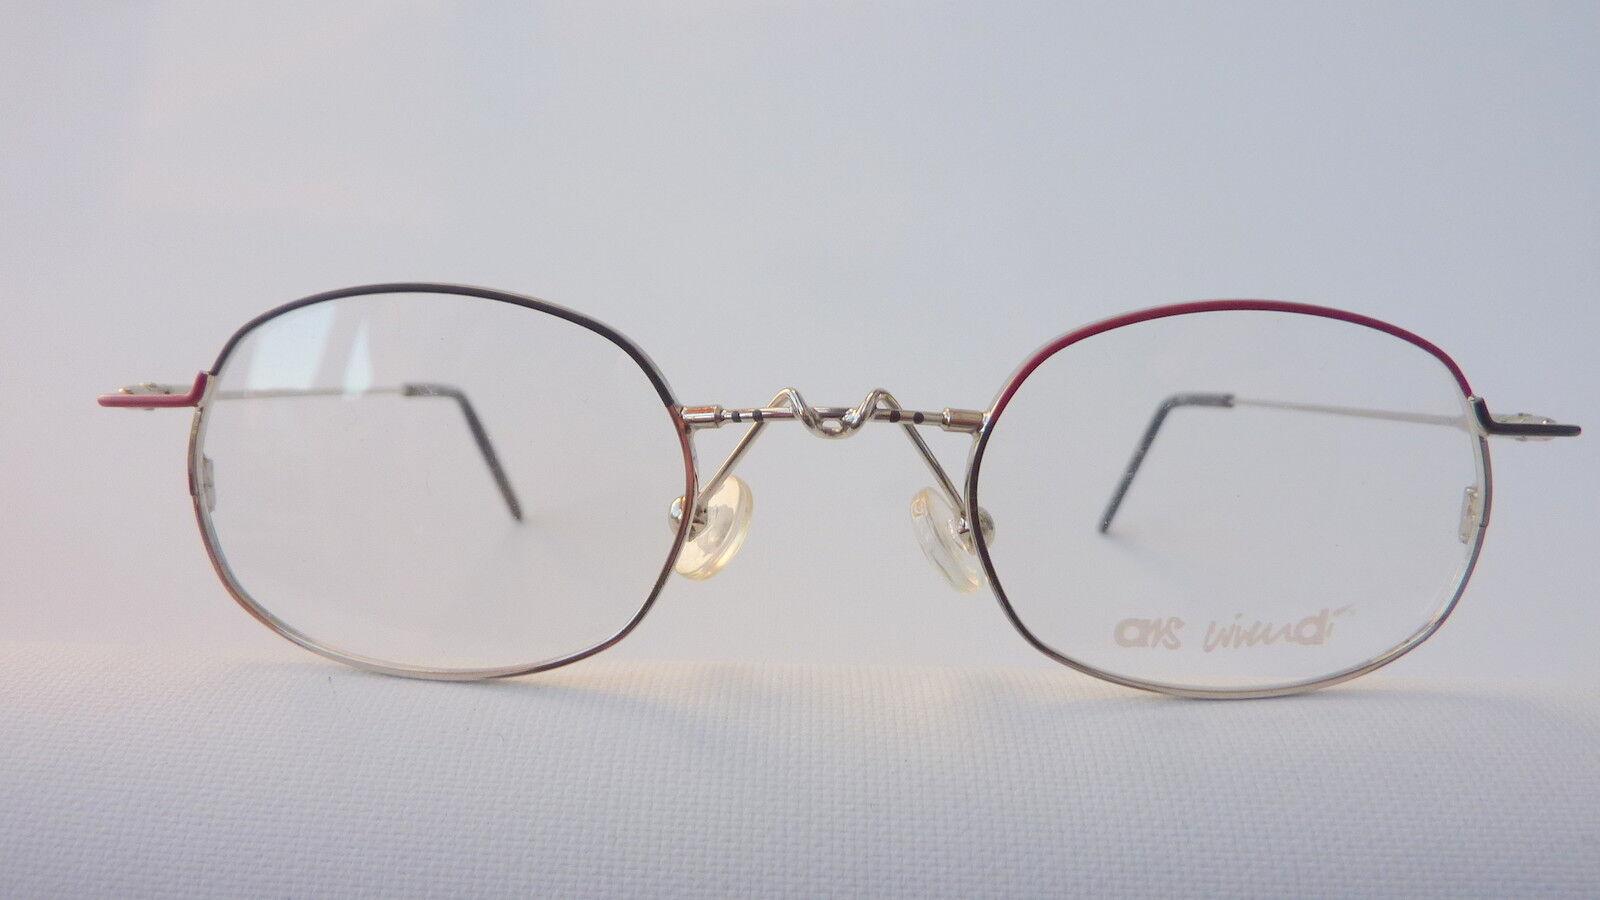 Ars Vivendi Vivendi Vivendi UnisexBrille 39-16 Eyecatcher Fassung frame außergewöhnlich Größe S  | Online Store  | Rabatt  | Lebendige Form  ea12c0